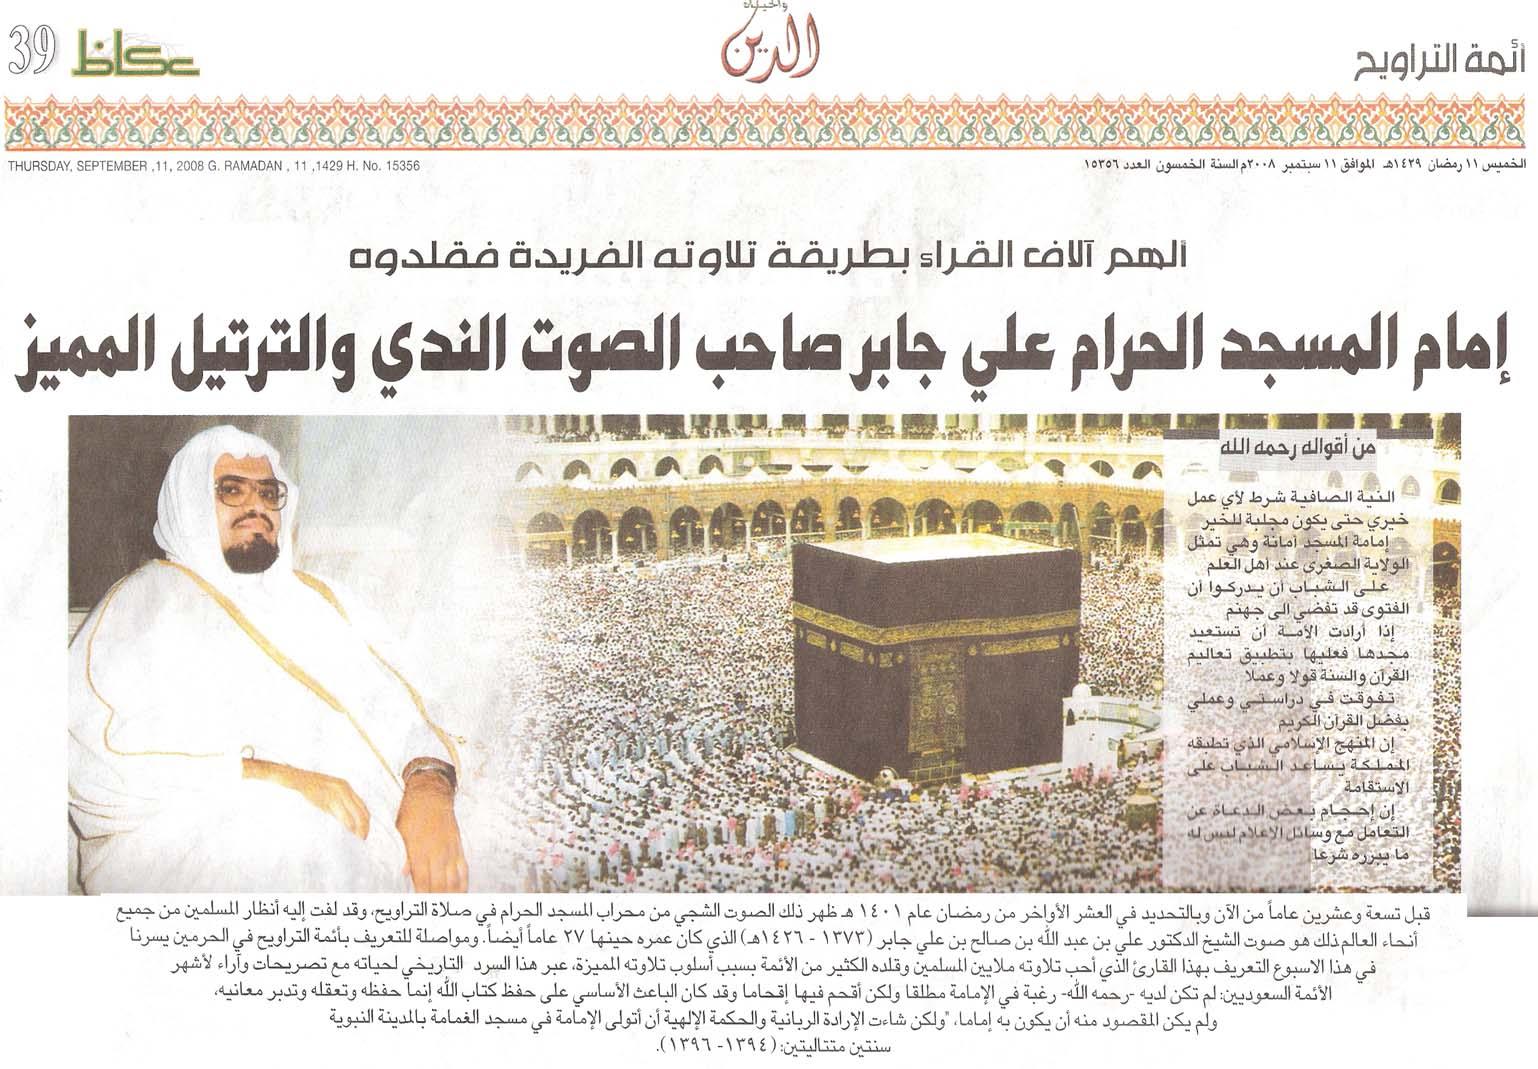 إمام المسجد الحرام : علي جابر .. صاحب الصوت الندي والترتيل المميز